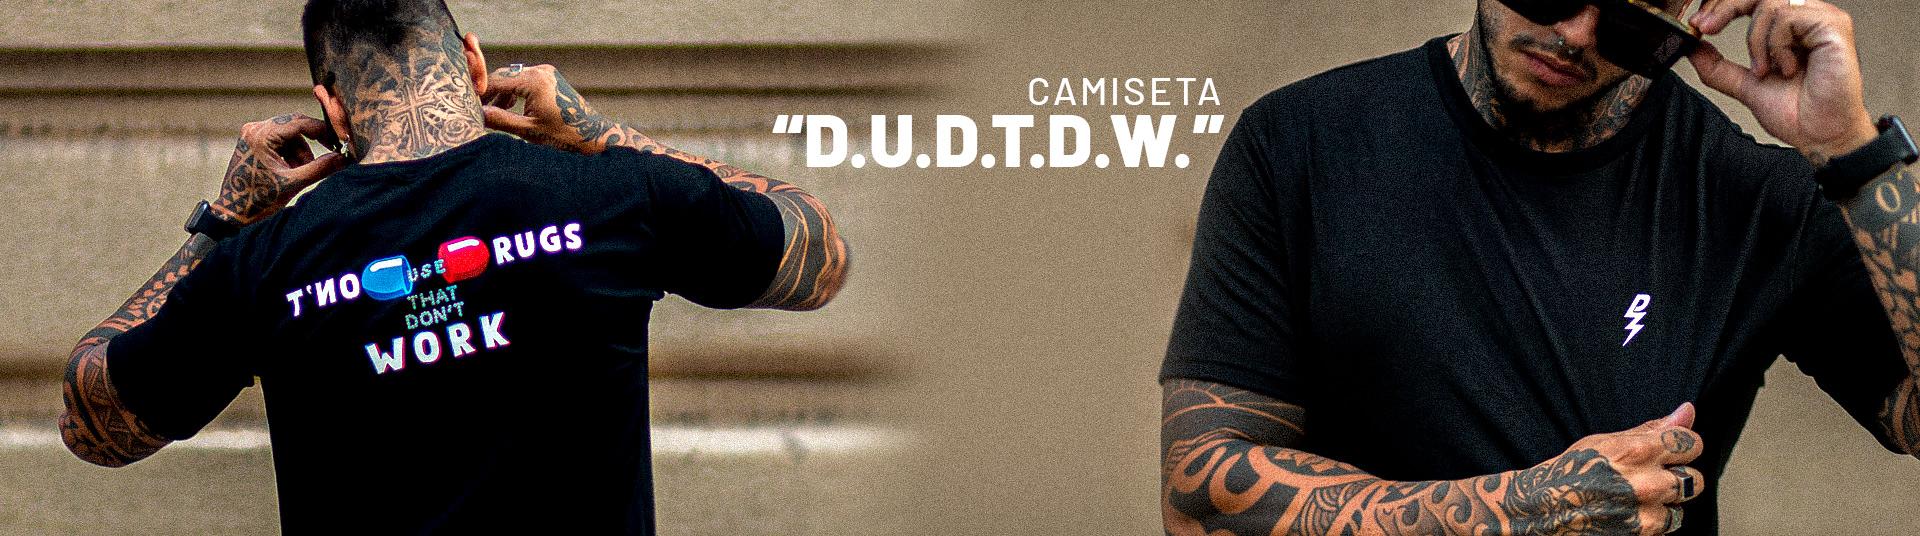 Camiseta D.U.D.T.D.W